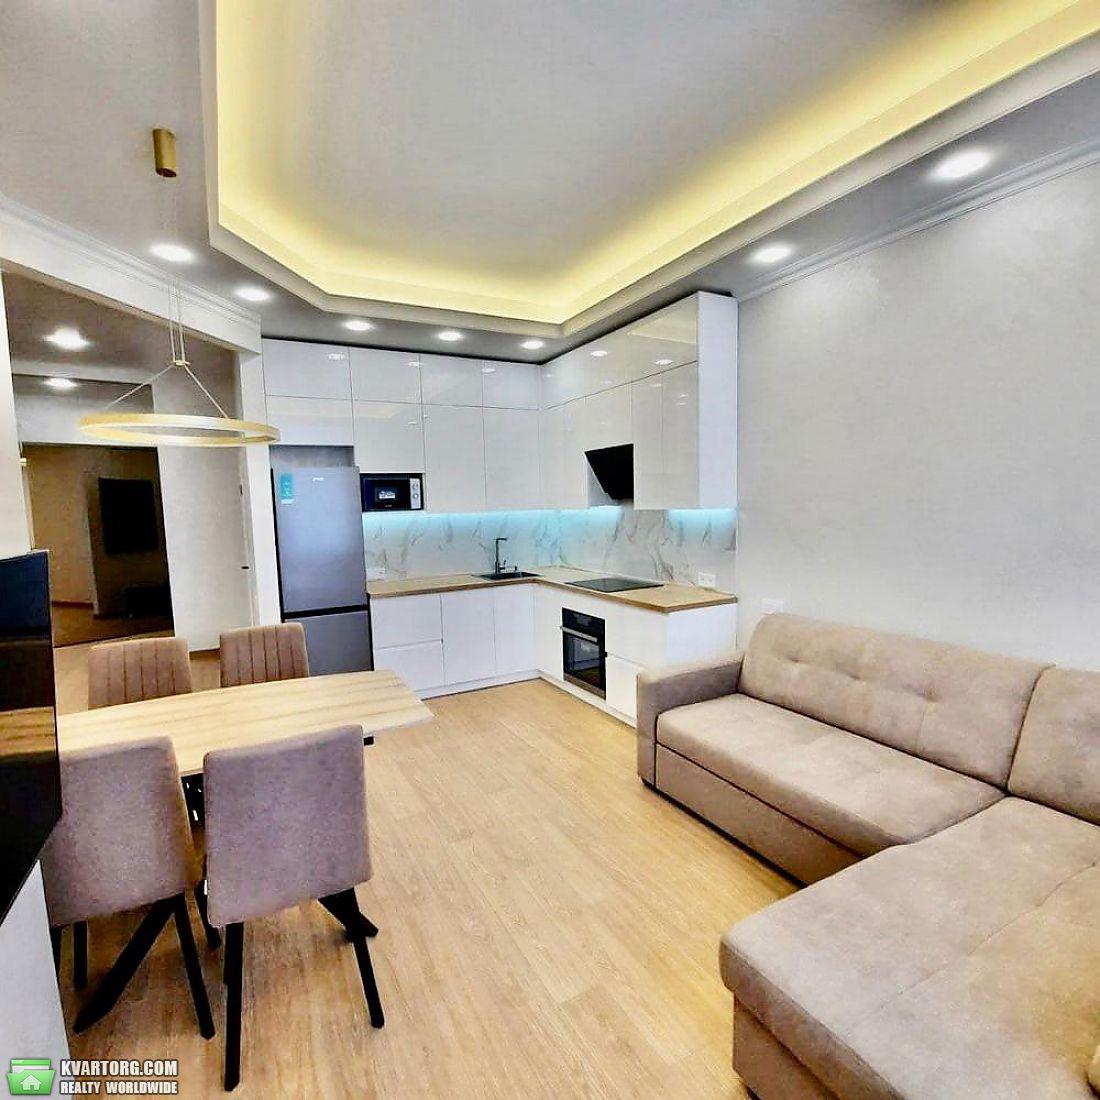 продам 4-комнатную квартиру Днепропетровск, ул.Сергея Подолинского 31 - Фото 5